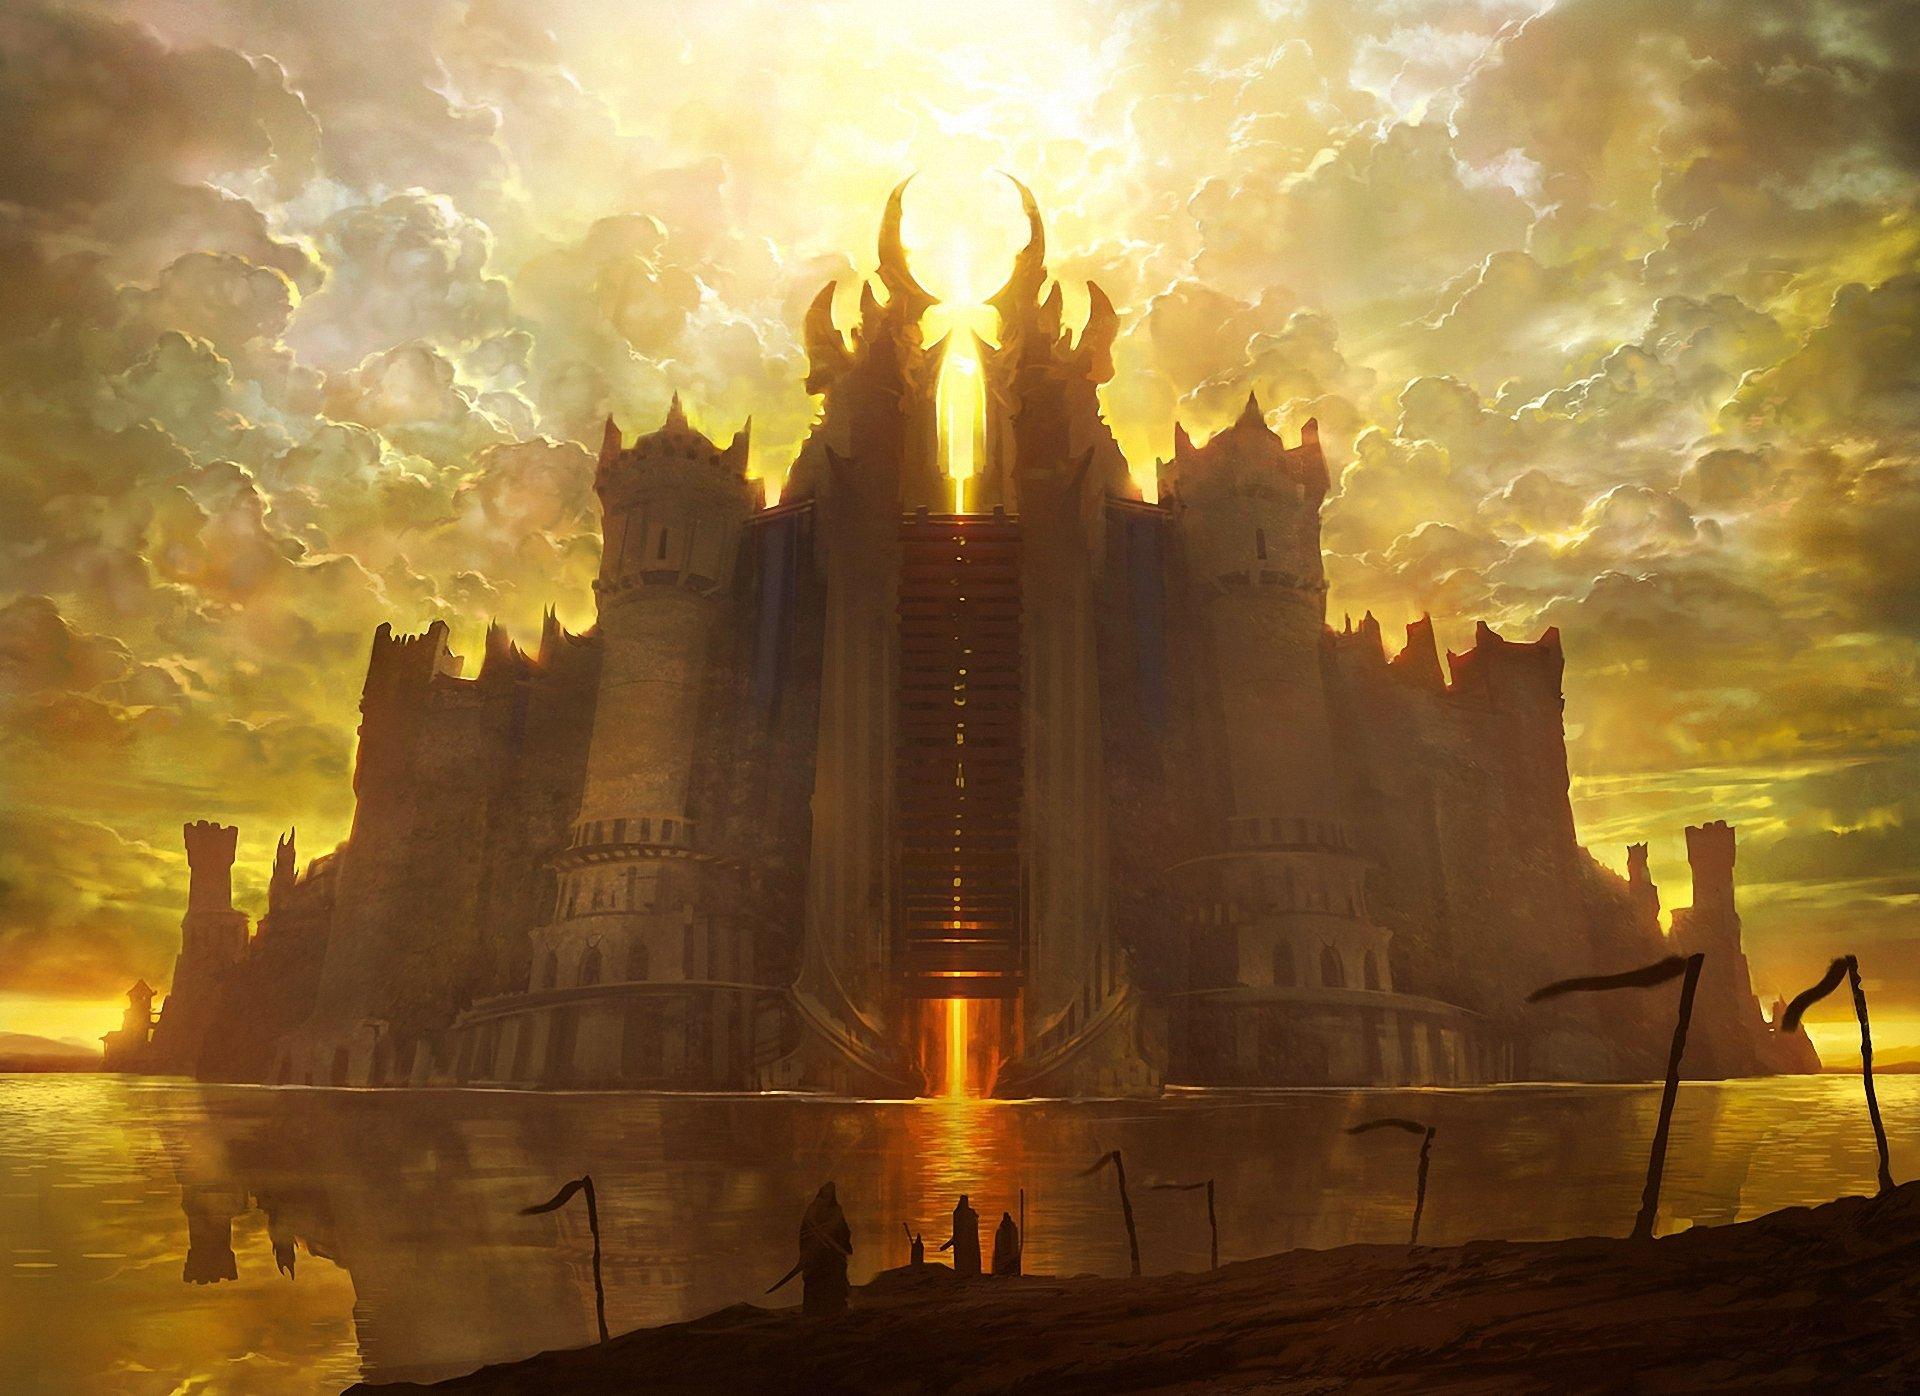 Замок в лучах света  № 917166 бесплатно